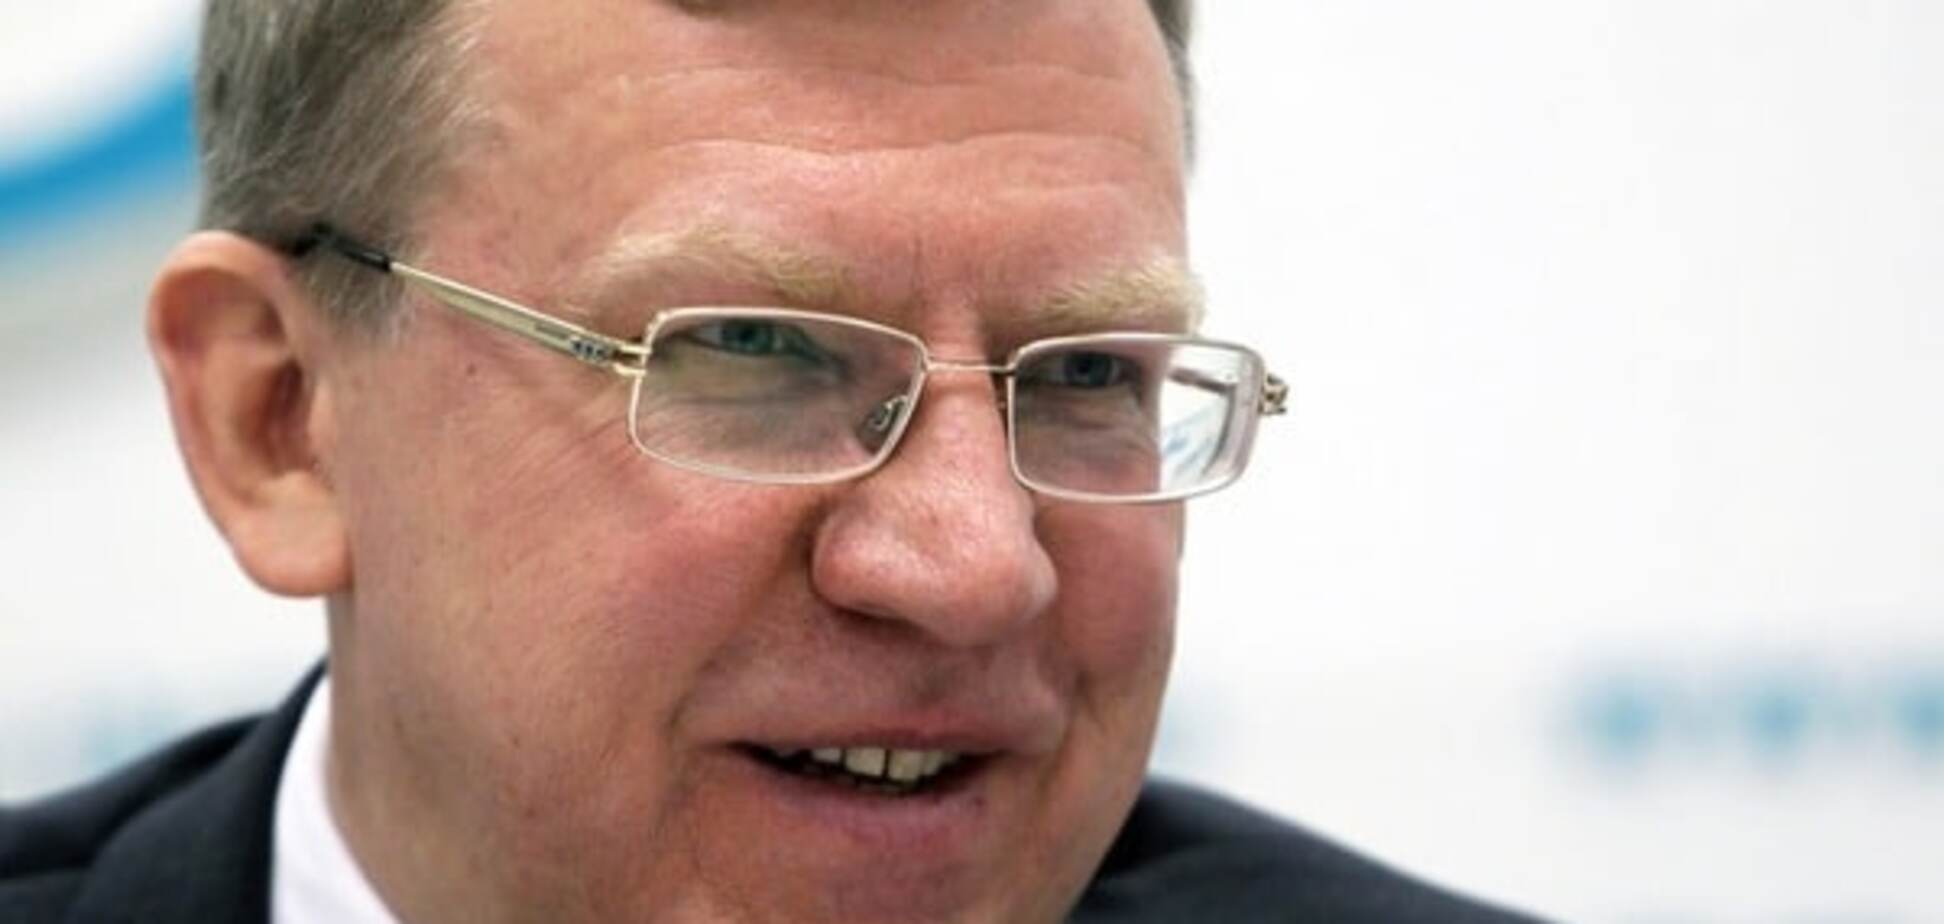 Спад економіки вдарить по 'оборонці' - екс-міністр фінансів Росії